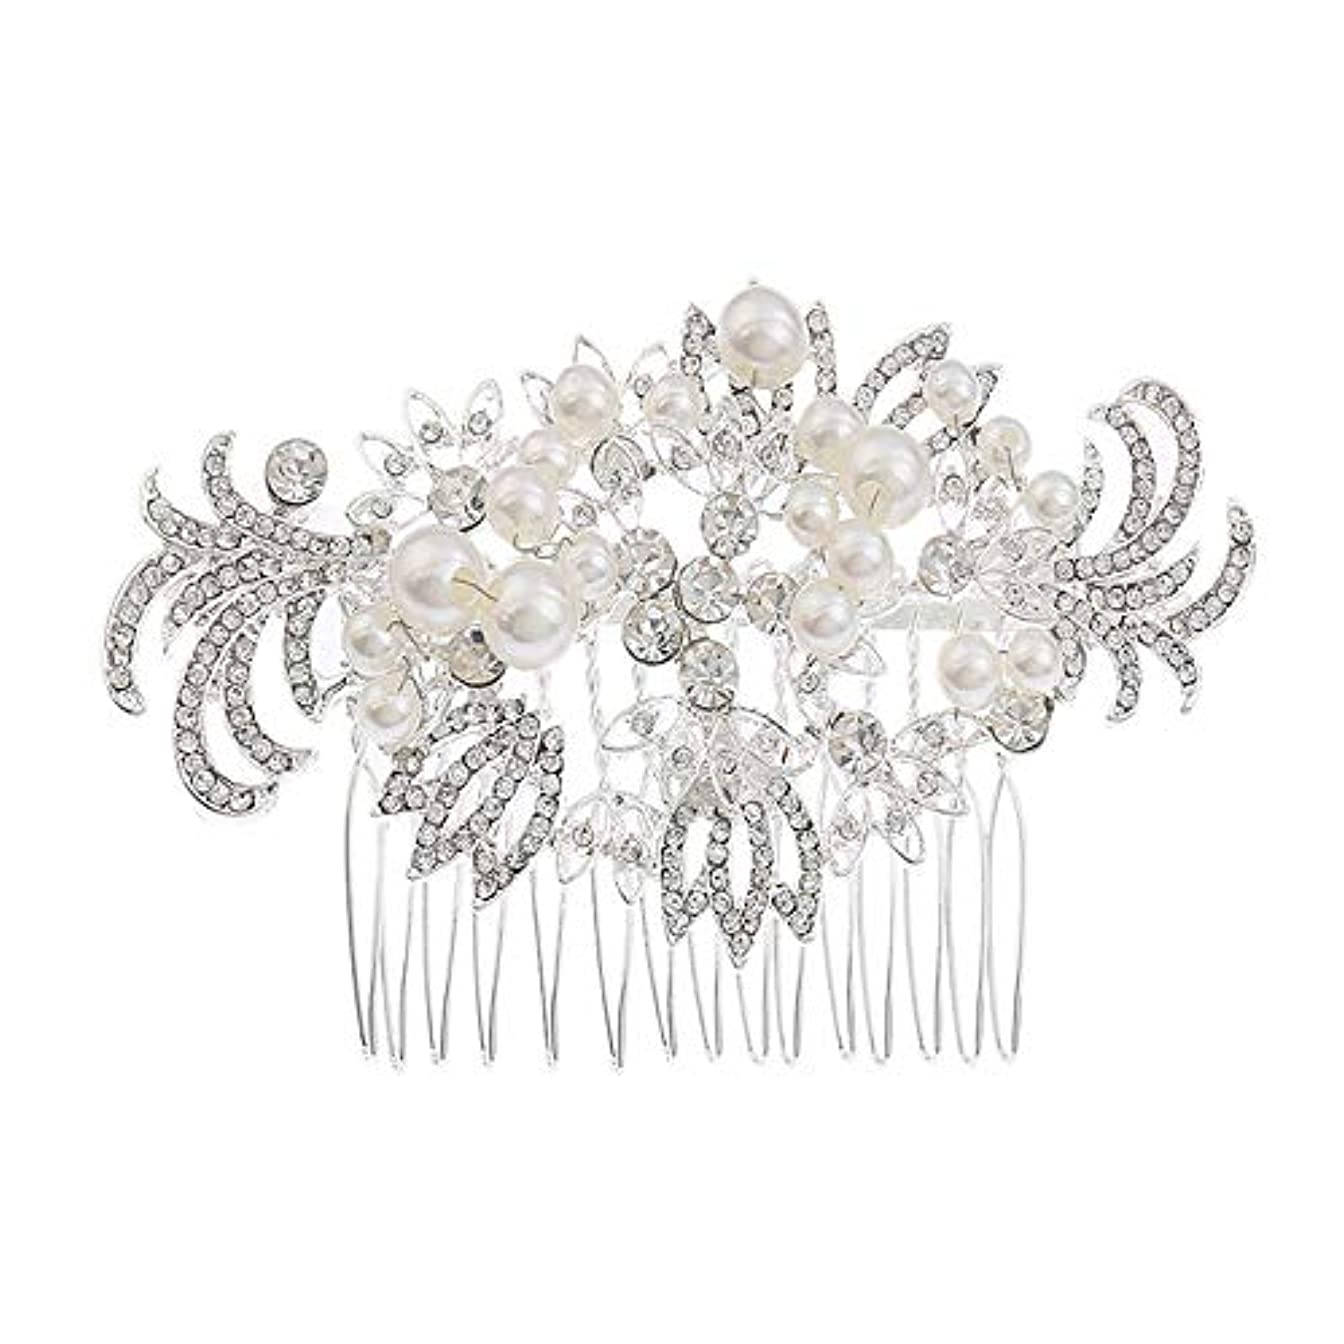 プロテスタント変更コーチ髪の櫛挿入櫛花嫁の髪櫛真珠の髪の櫛ラインストーンの髪の櫛結婚式のヘアアクセサリー合金の帽子ブライダルヘッドドレス